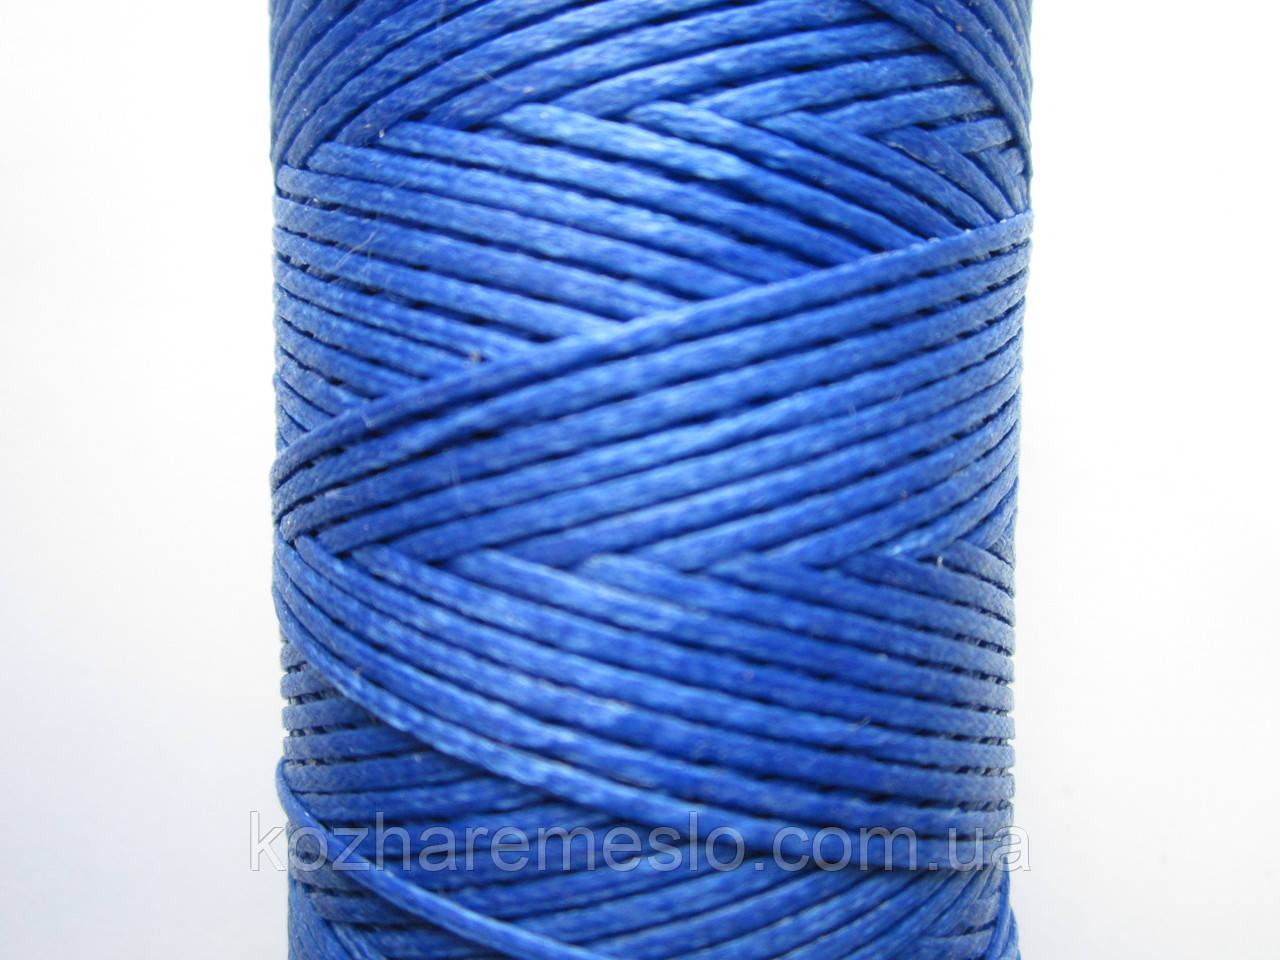 Нить вощёная плоская 0,8 мм синяя 100 метров